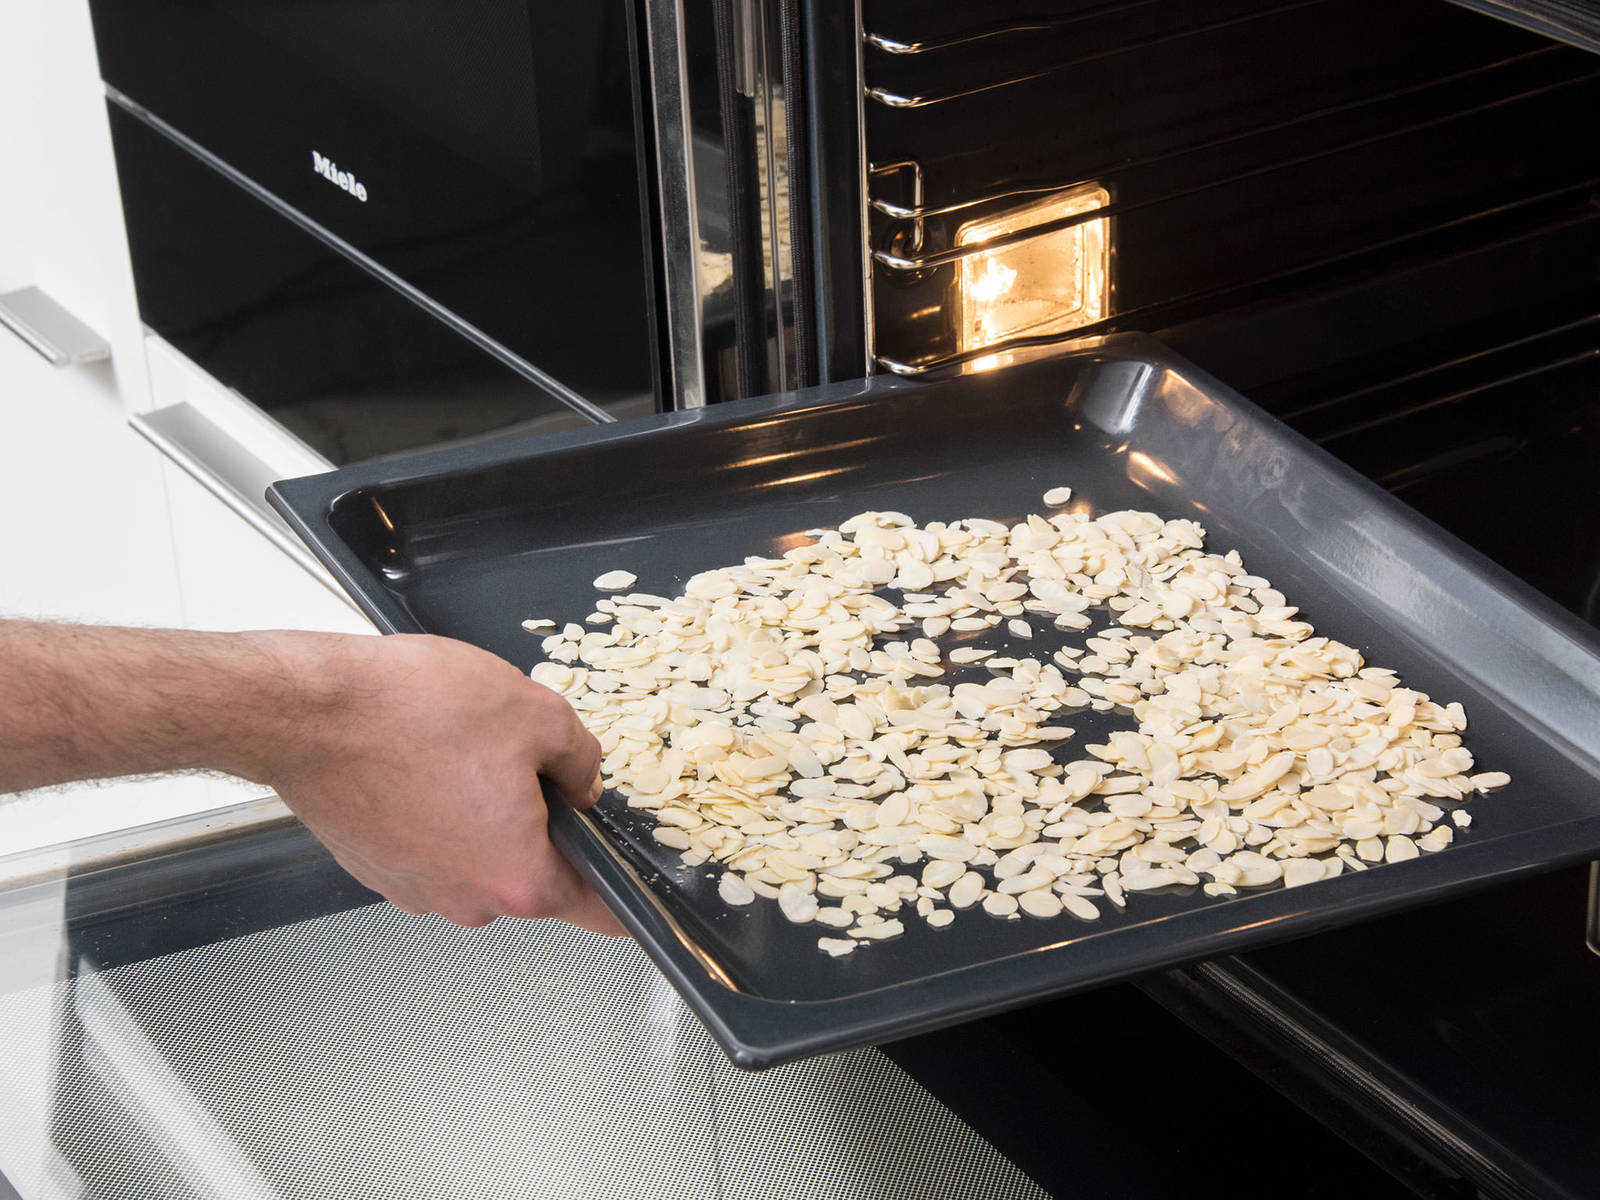 将杏仁片倒入一个烤盘中,放入烤箱烤10分钟或直至杏仁片变成金棕色,取出放凉。